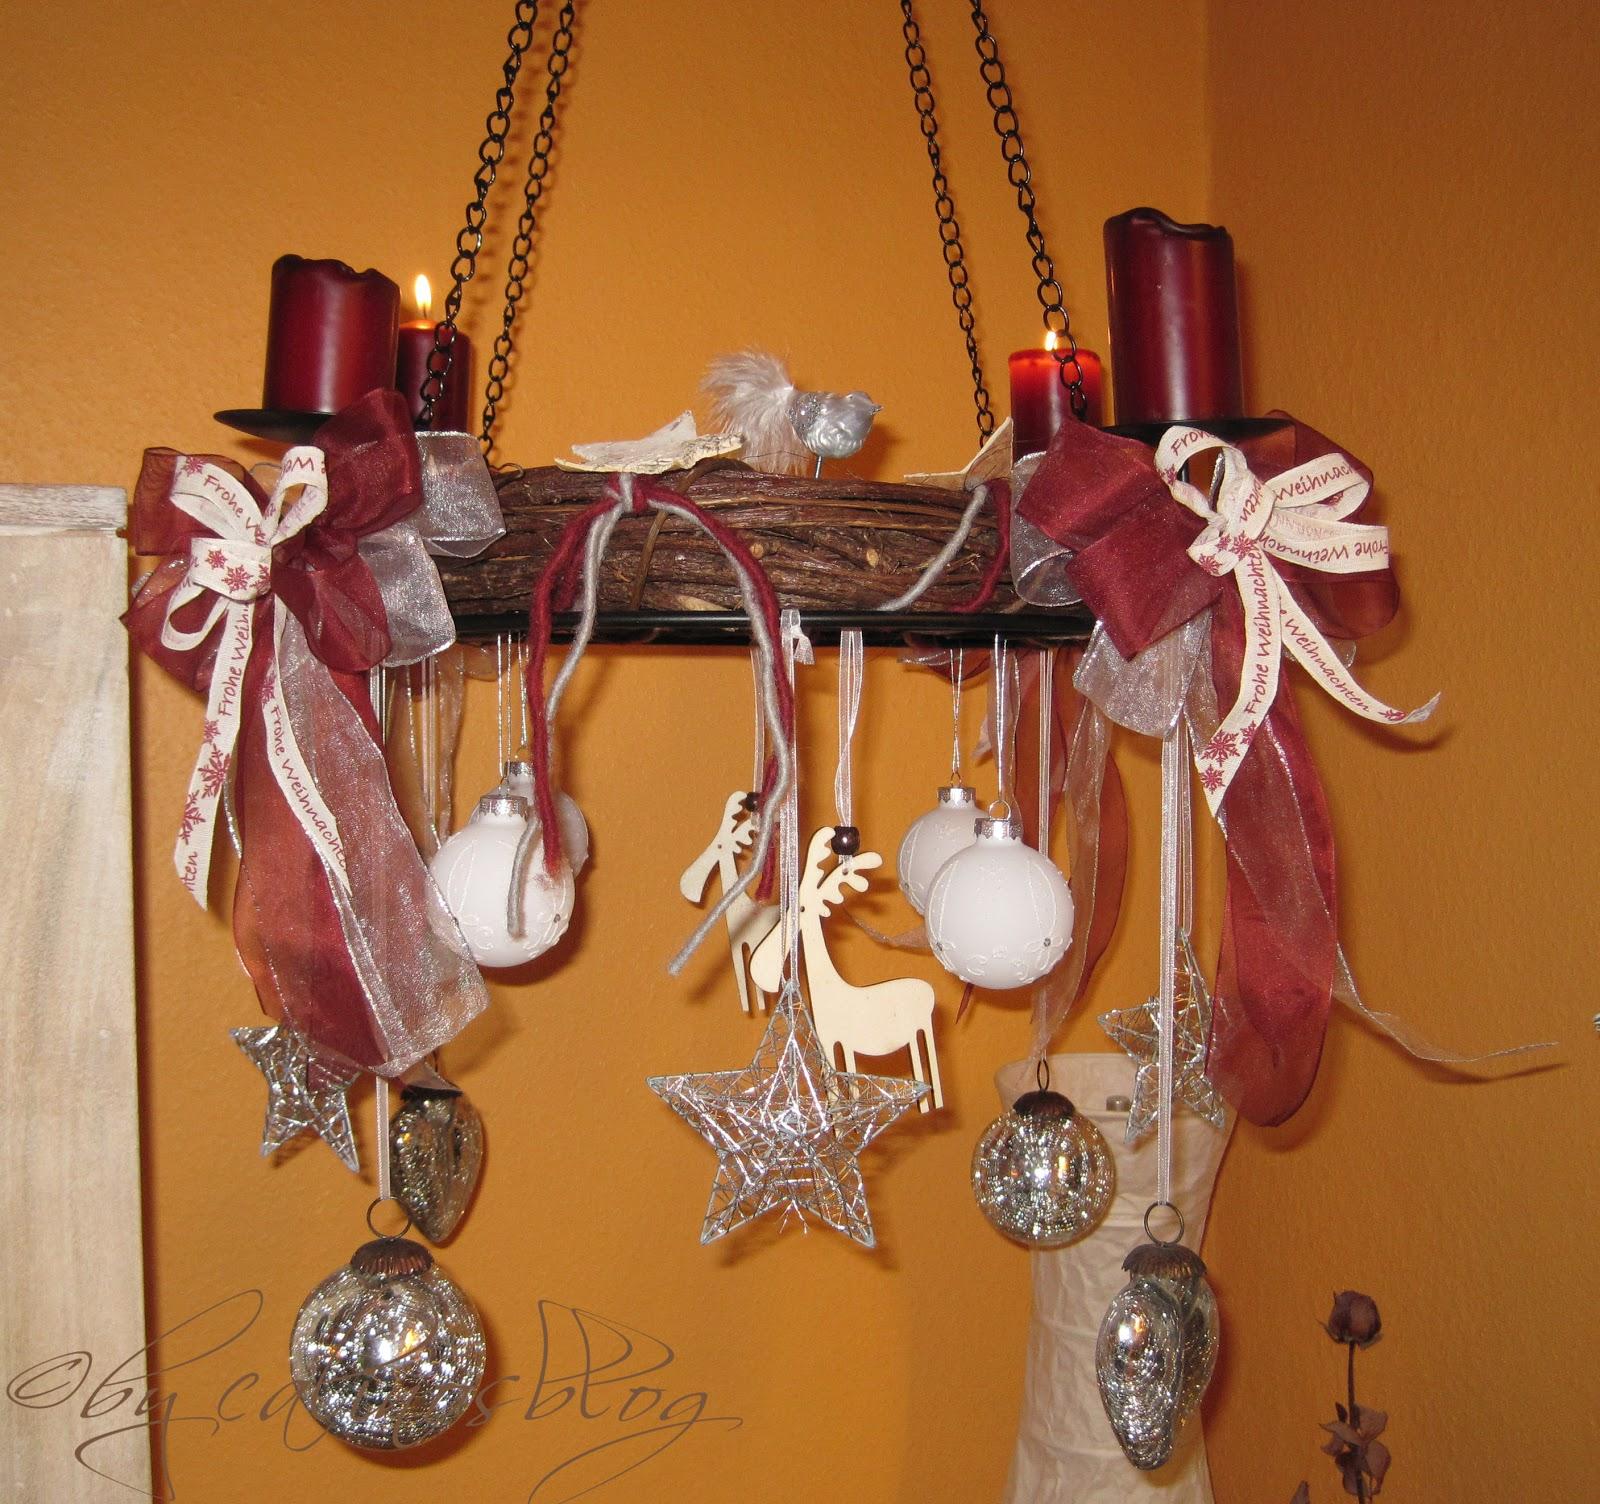 Weihnachtsdeko Rinde.Calino S Bären Calino S Blog Weihnachtsdeko